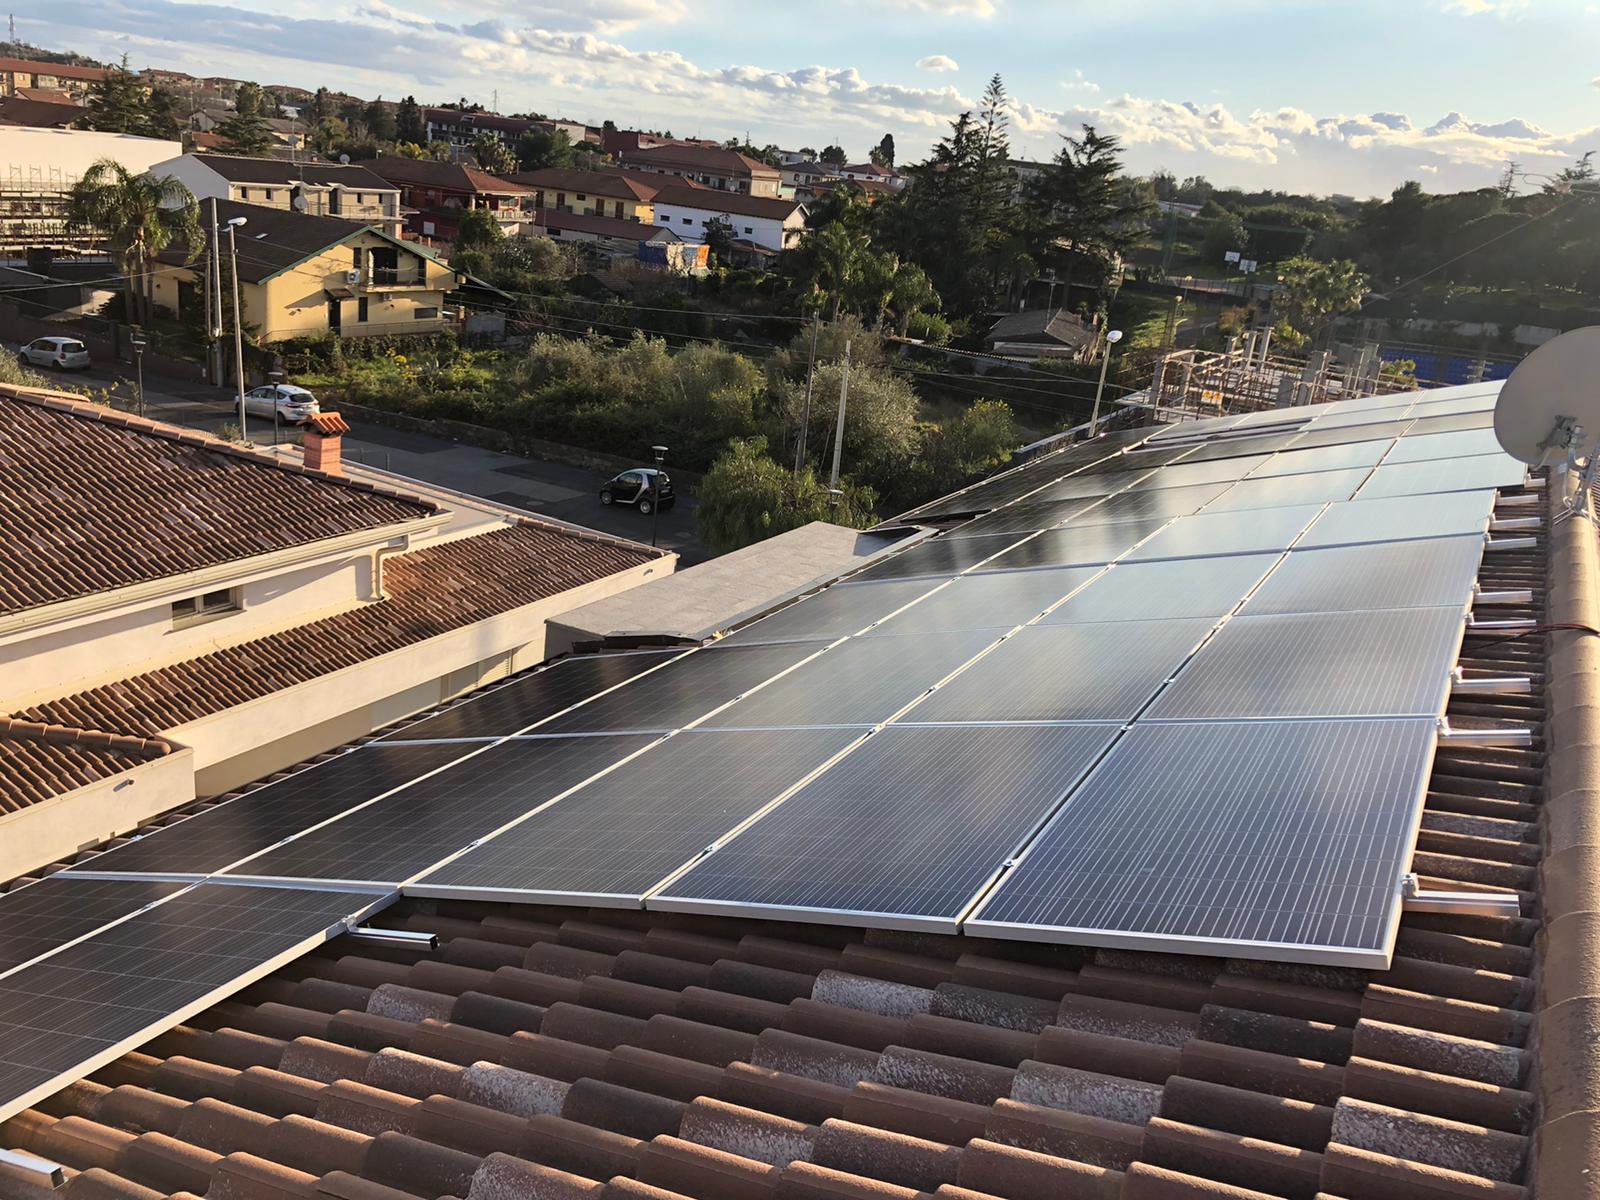 montaggio fotovoltaico su tetto spiovente